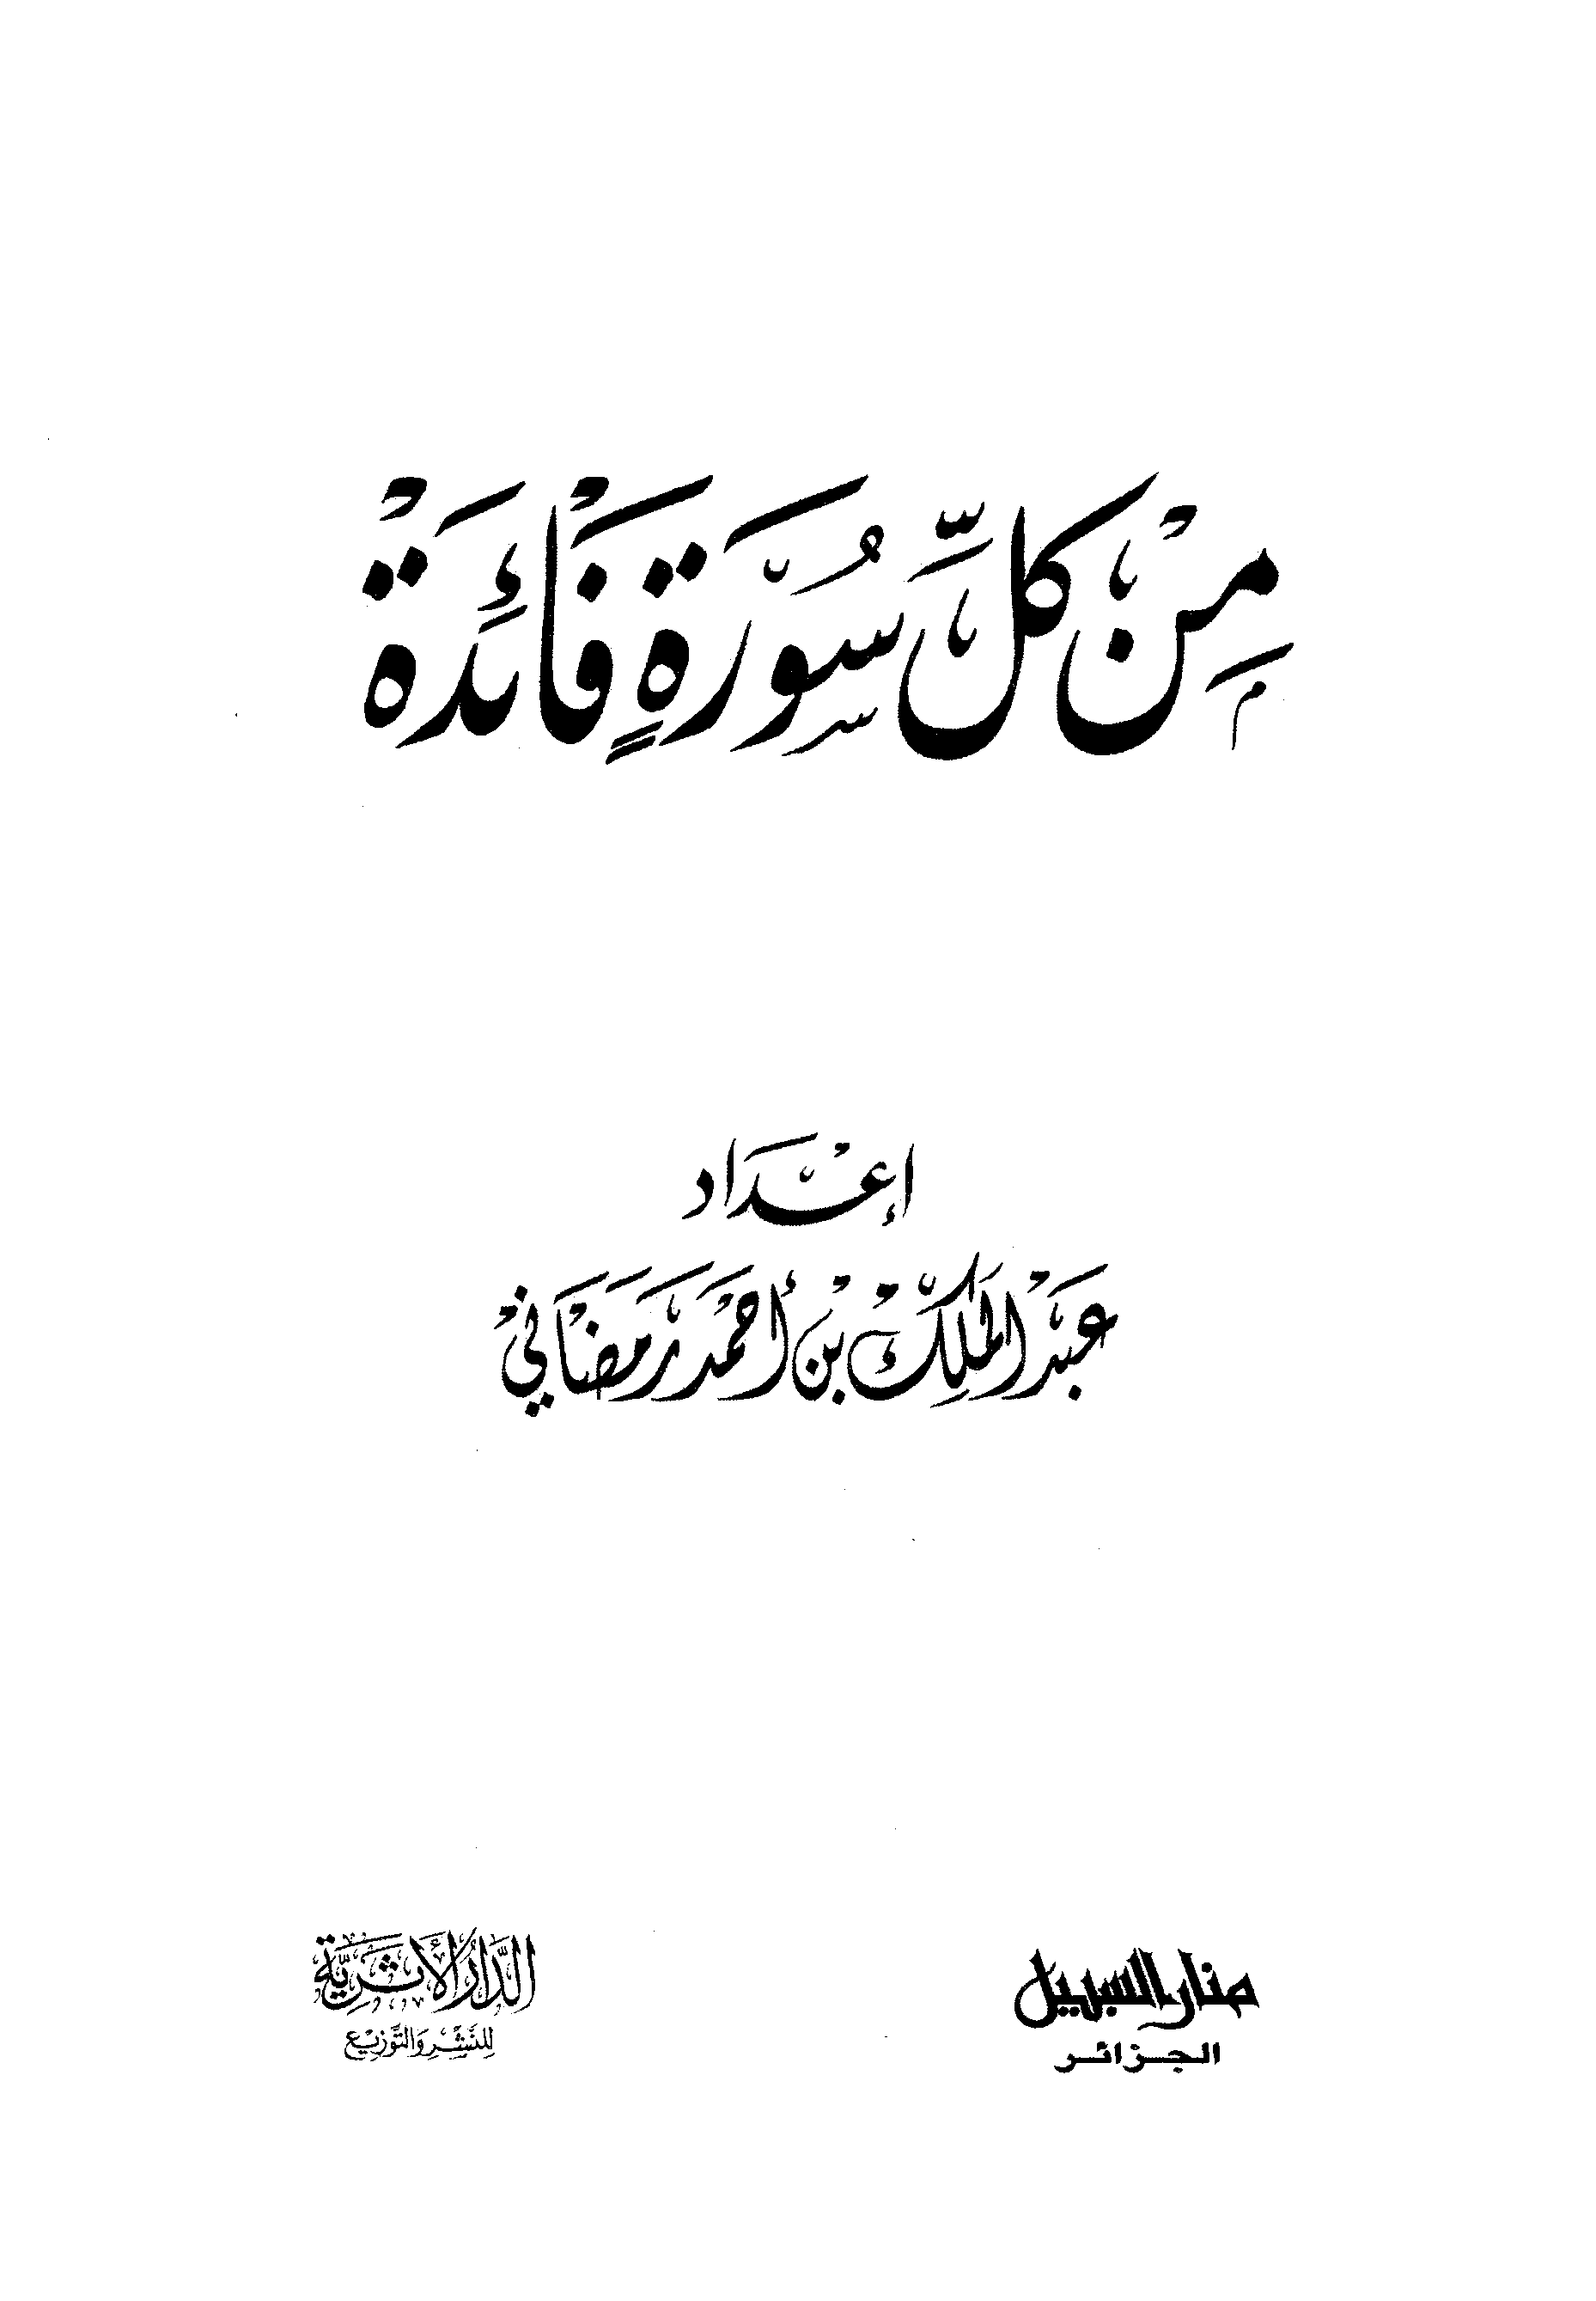 تحميل كتاب من كل سورة فائدة لـِ: عبد المالك بن أحمد بن مبارك رمضاني الجزائري المدني